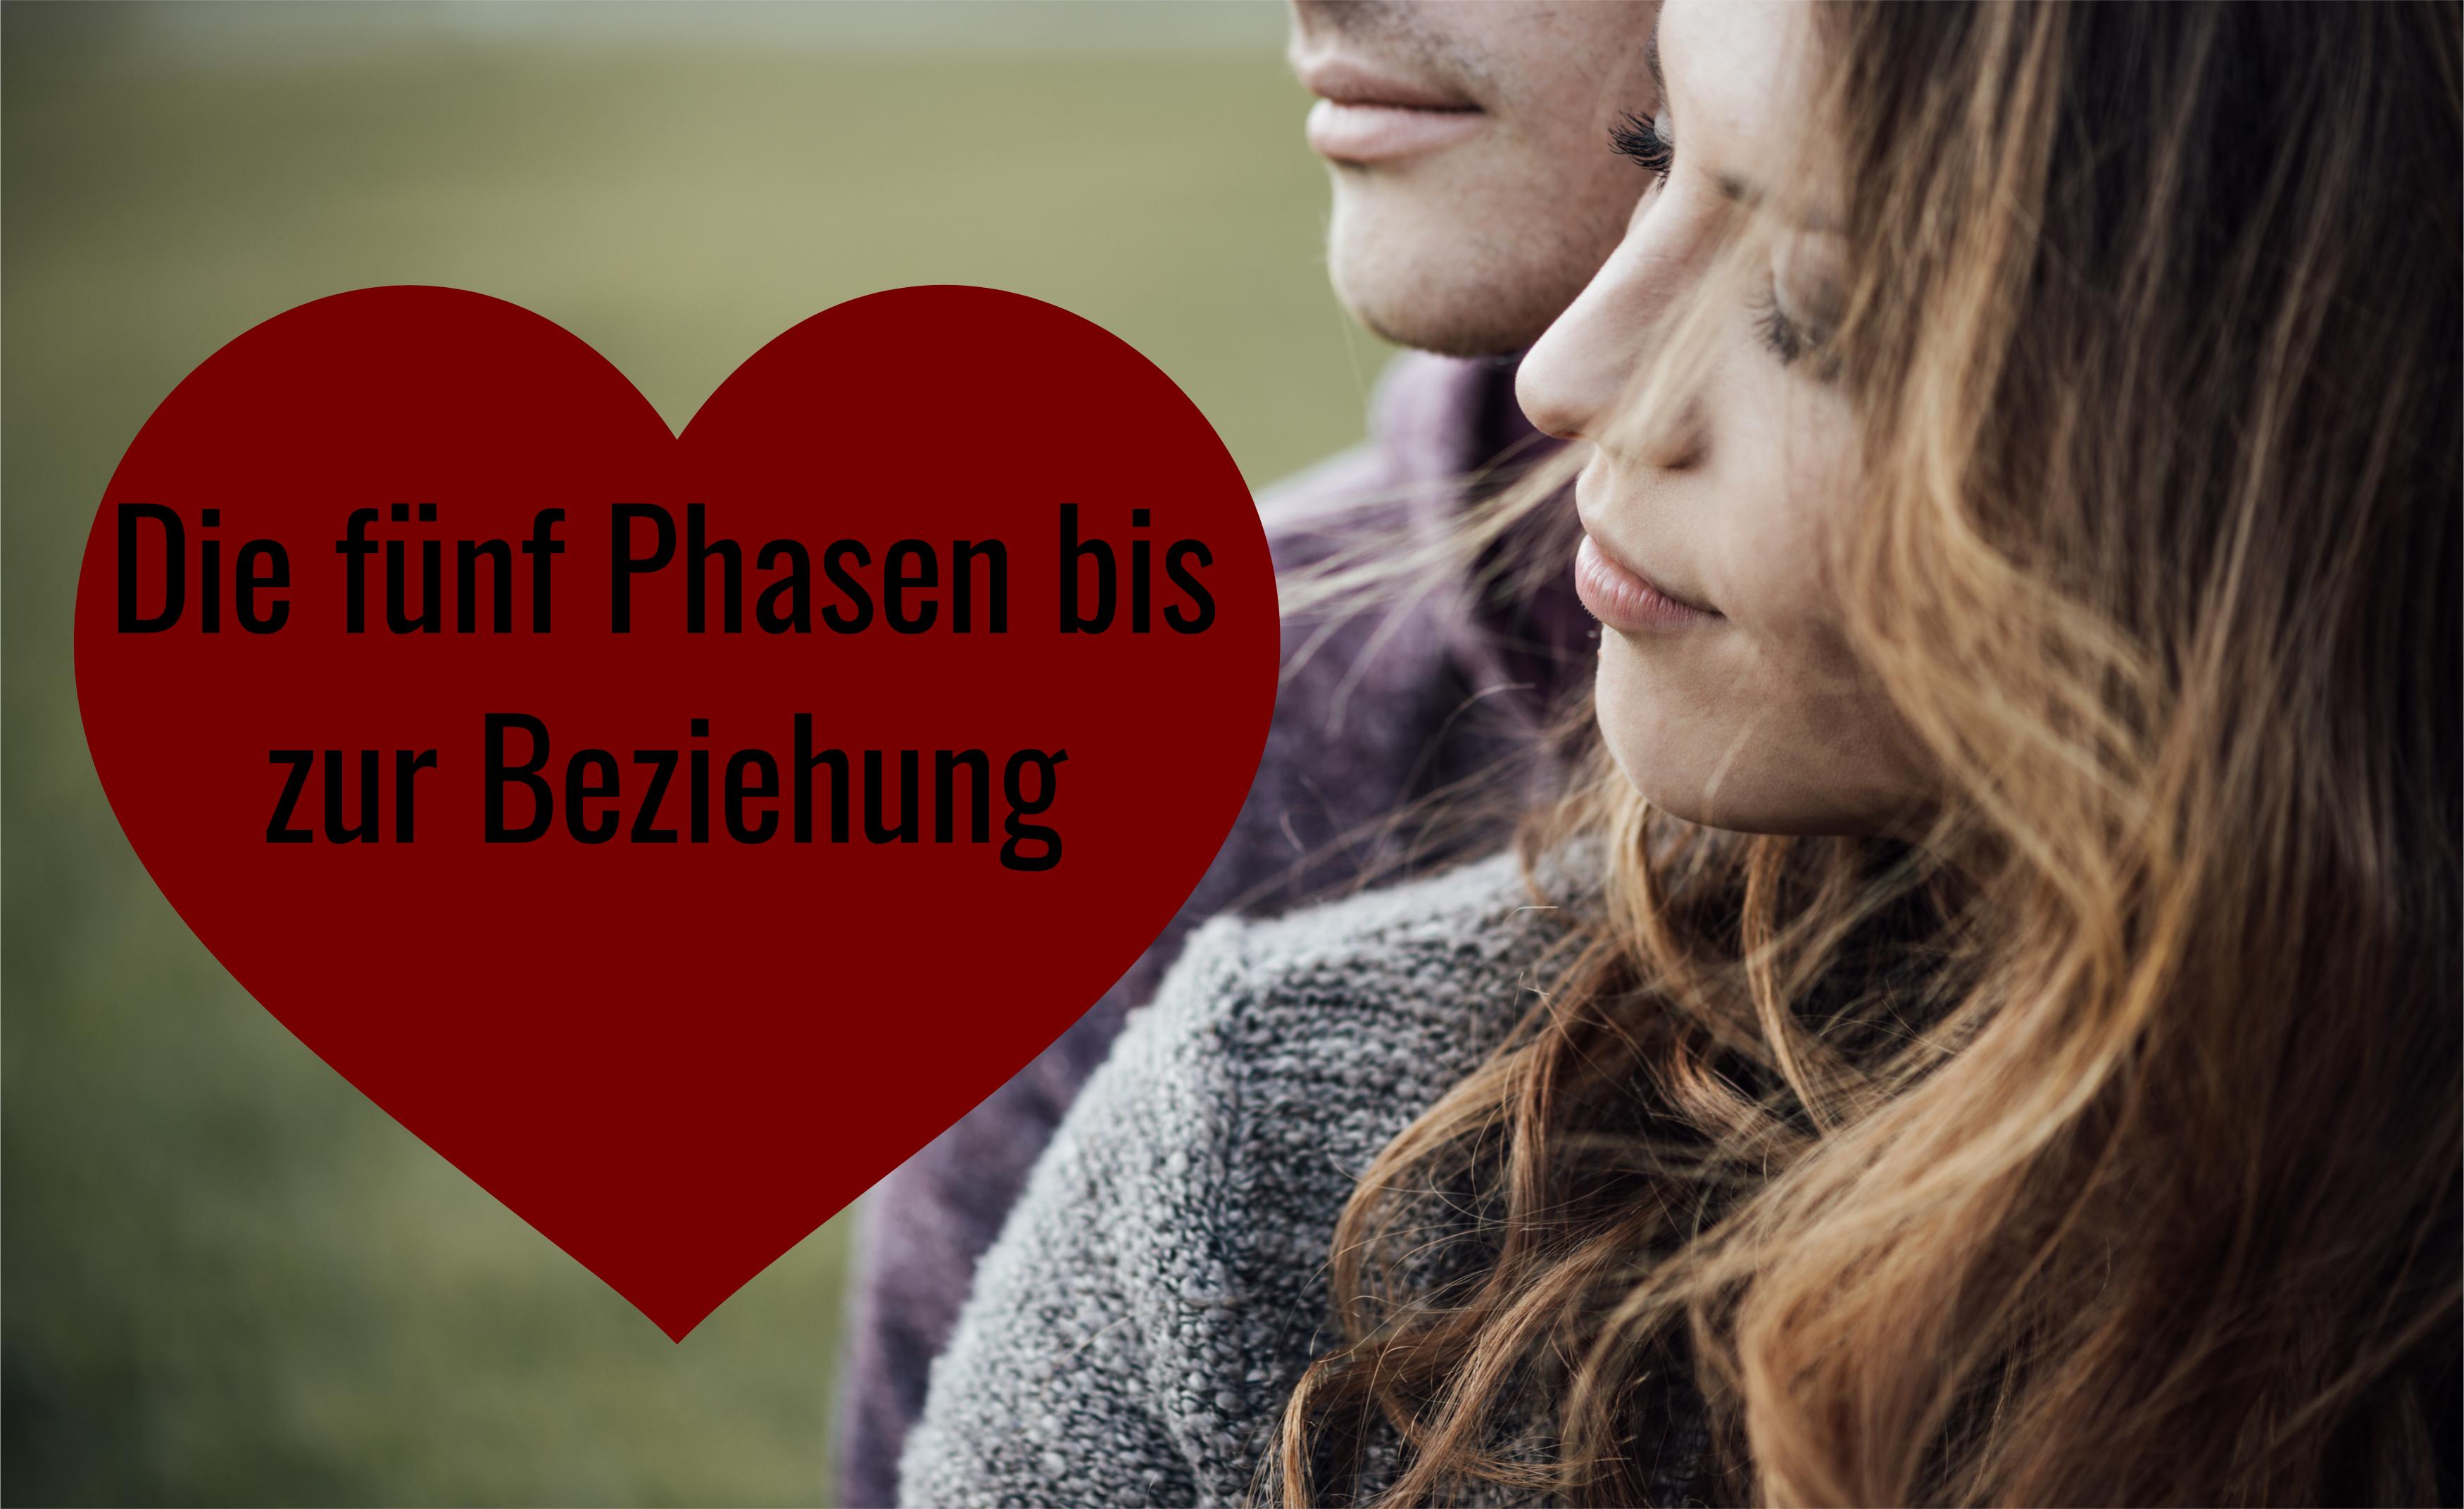 Die 5 Phasen Einer Liebesbeziehung Die 5 Phasen Einer Beziehung